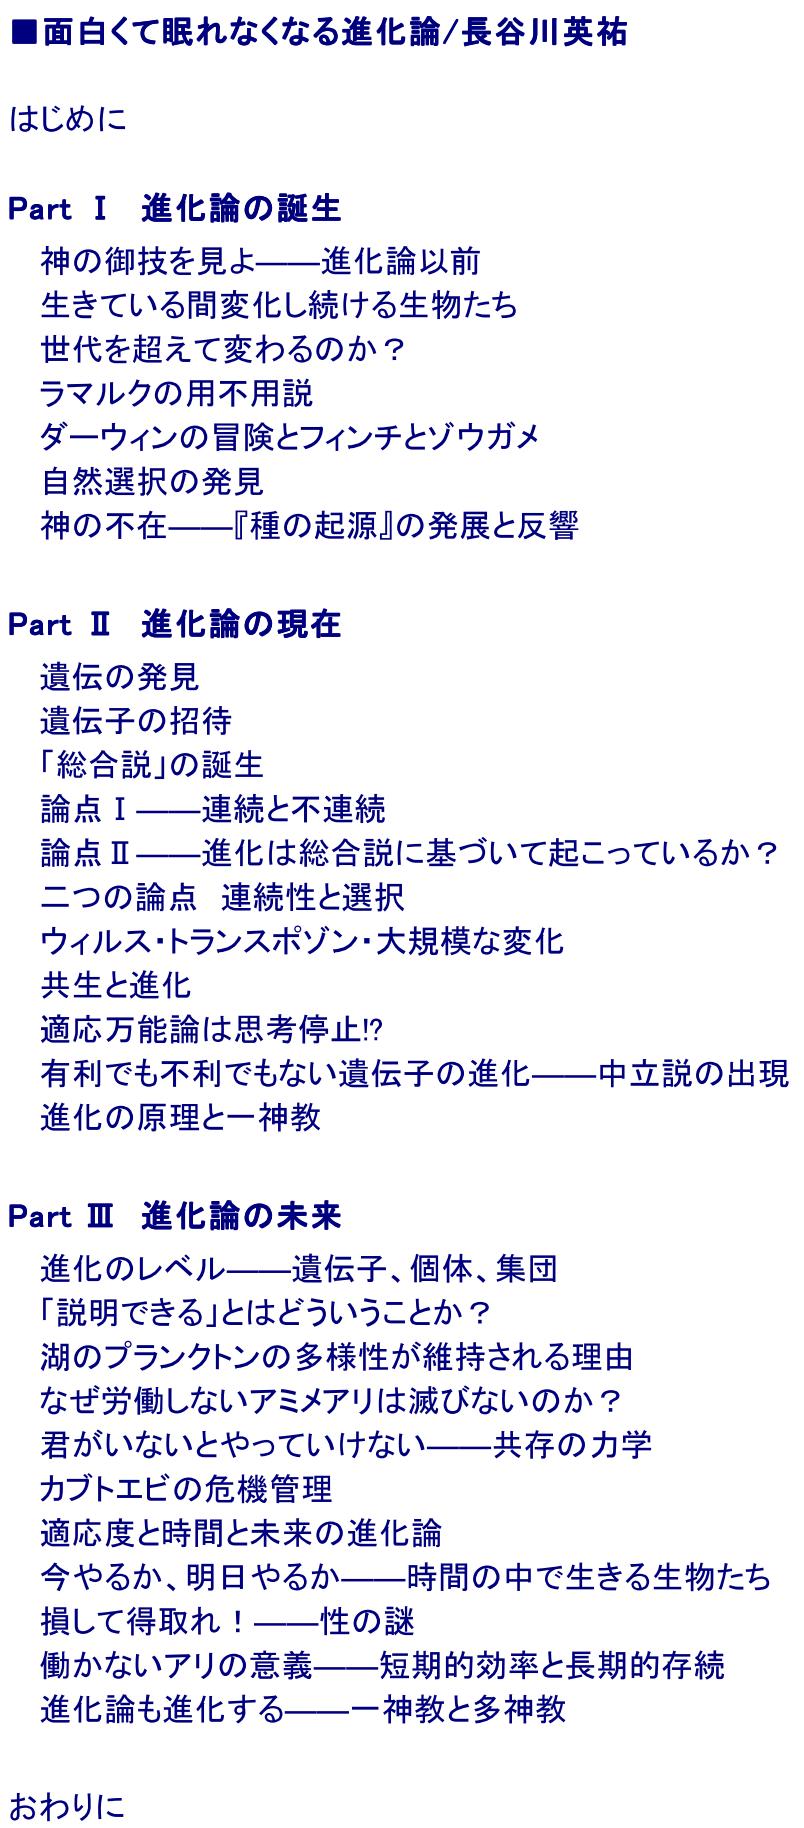 omoshirokute_shinkaron_ix.png